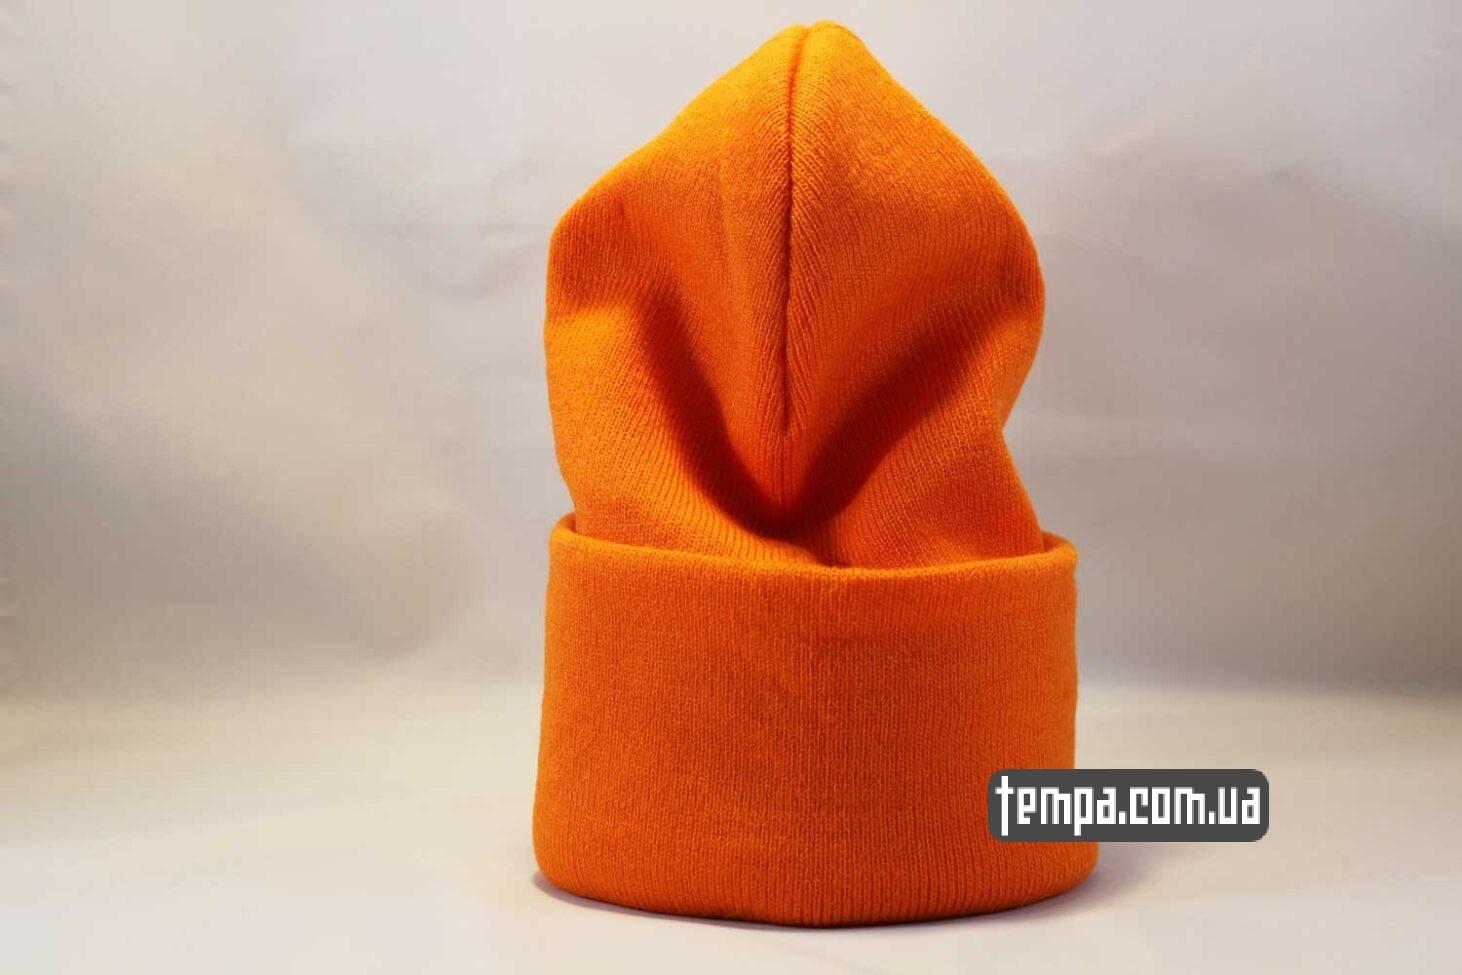 яркая одежда Украина шапка beanie Aape оранжевая яркая купить Украина